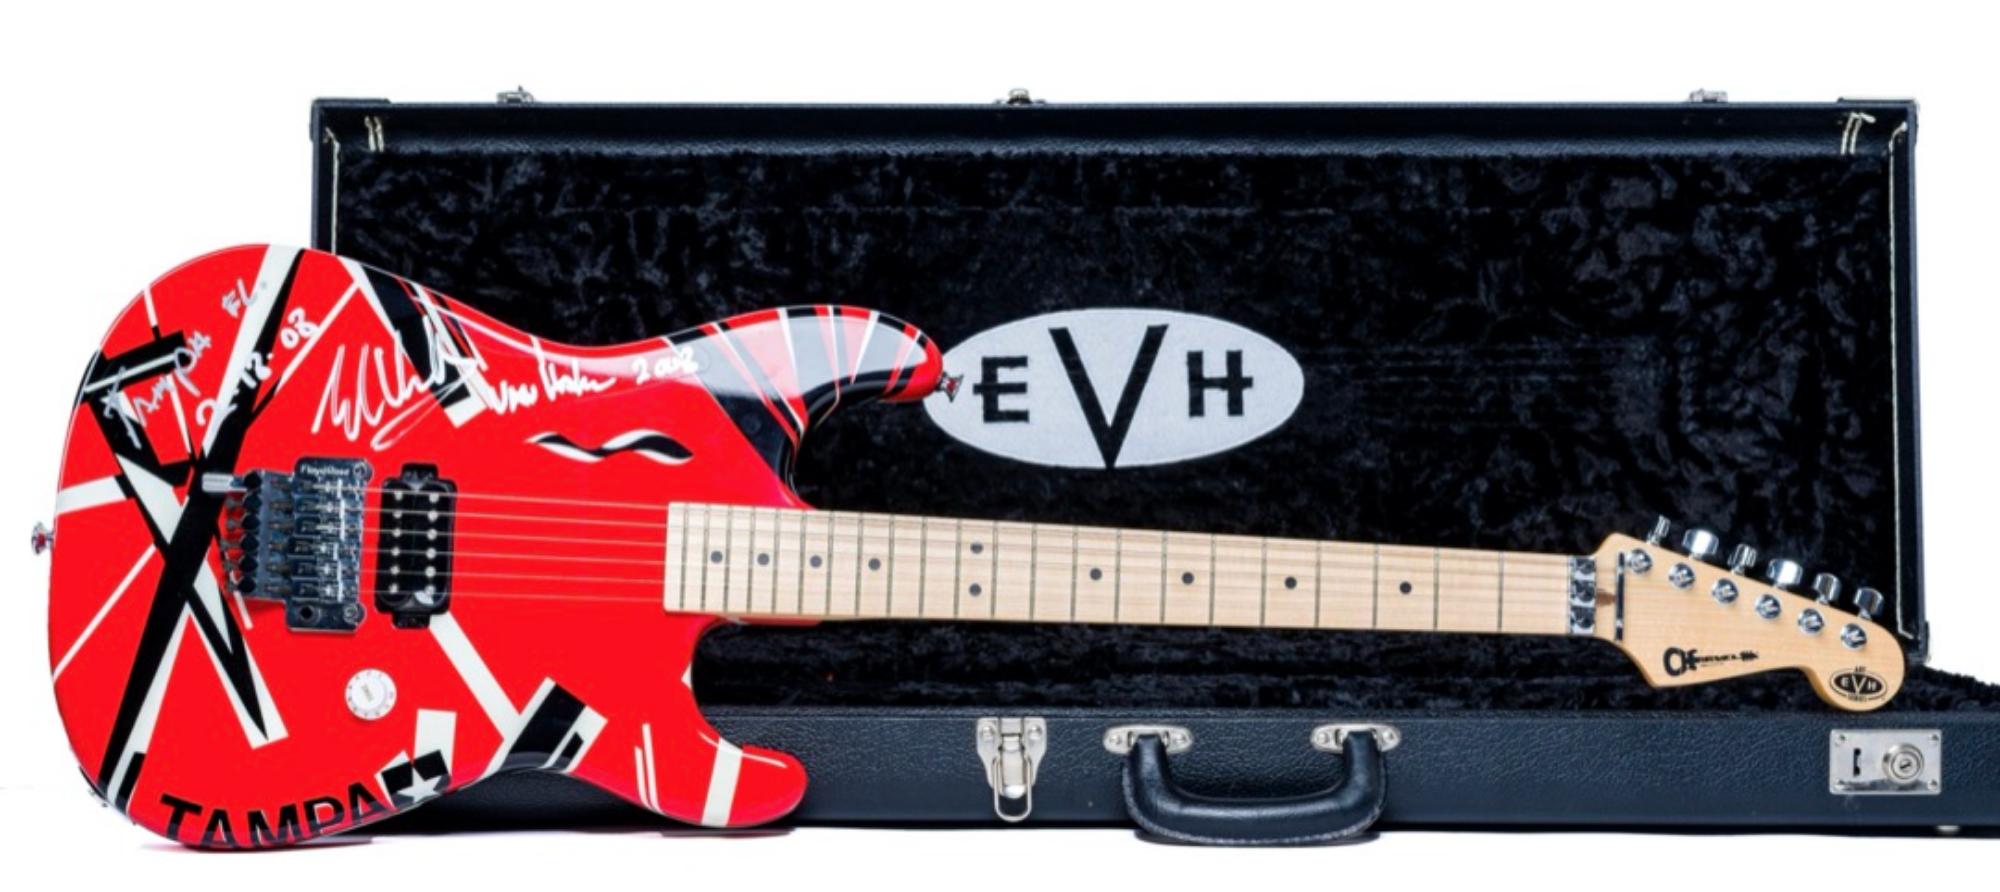 Eddie Van Halen Concert-Played Guitar (Signed)